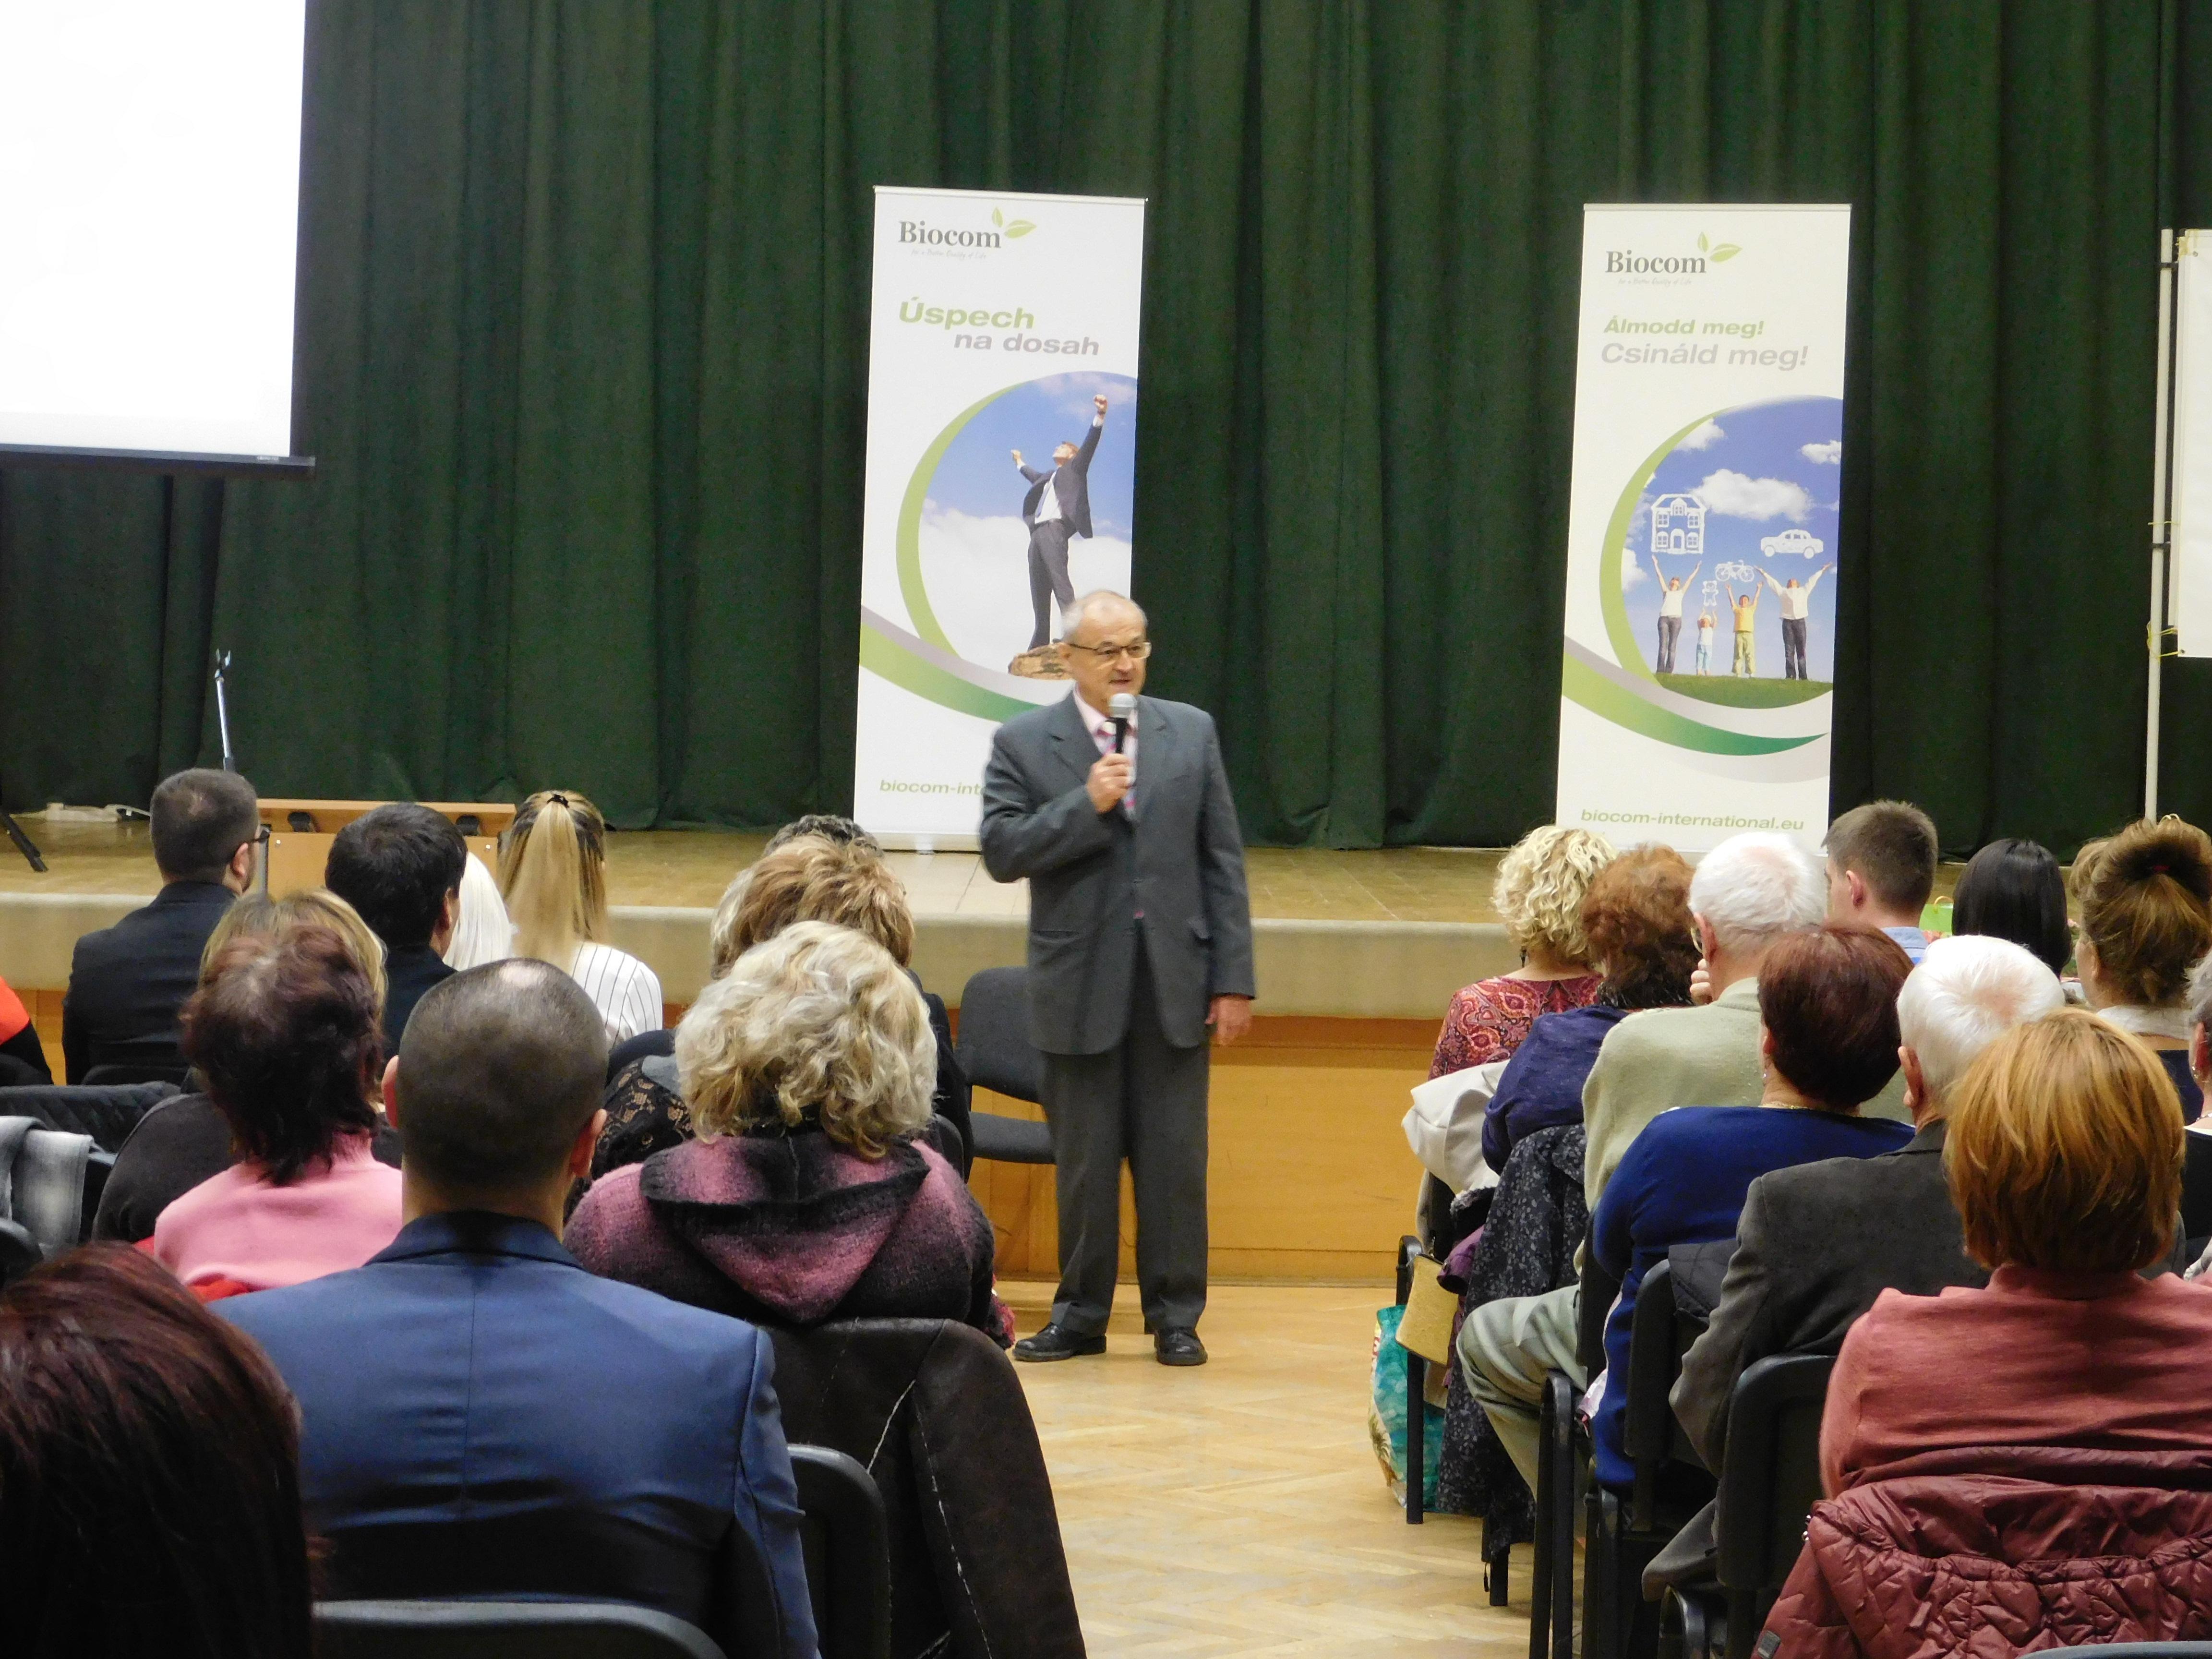 Szabó Sigfrid, a Géniusz-díjas magyar feltaláló, természetgyógyász, reflexológus előadást tartott ismét Révkomáromban